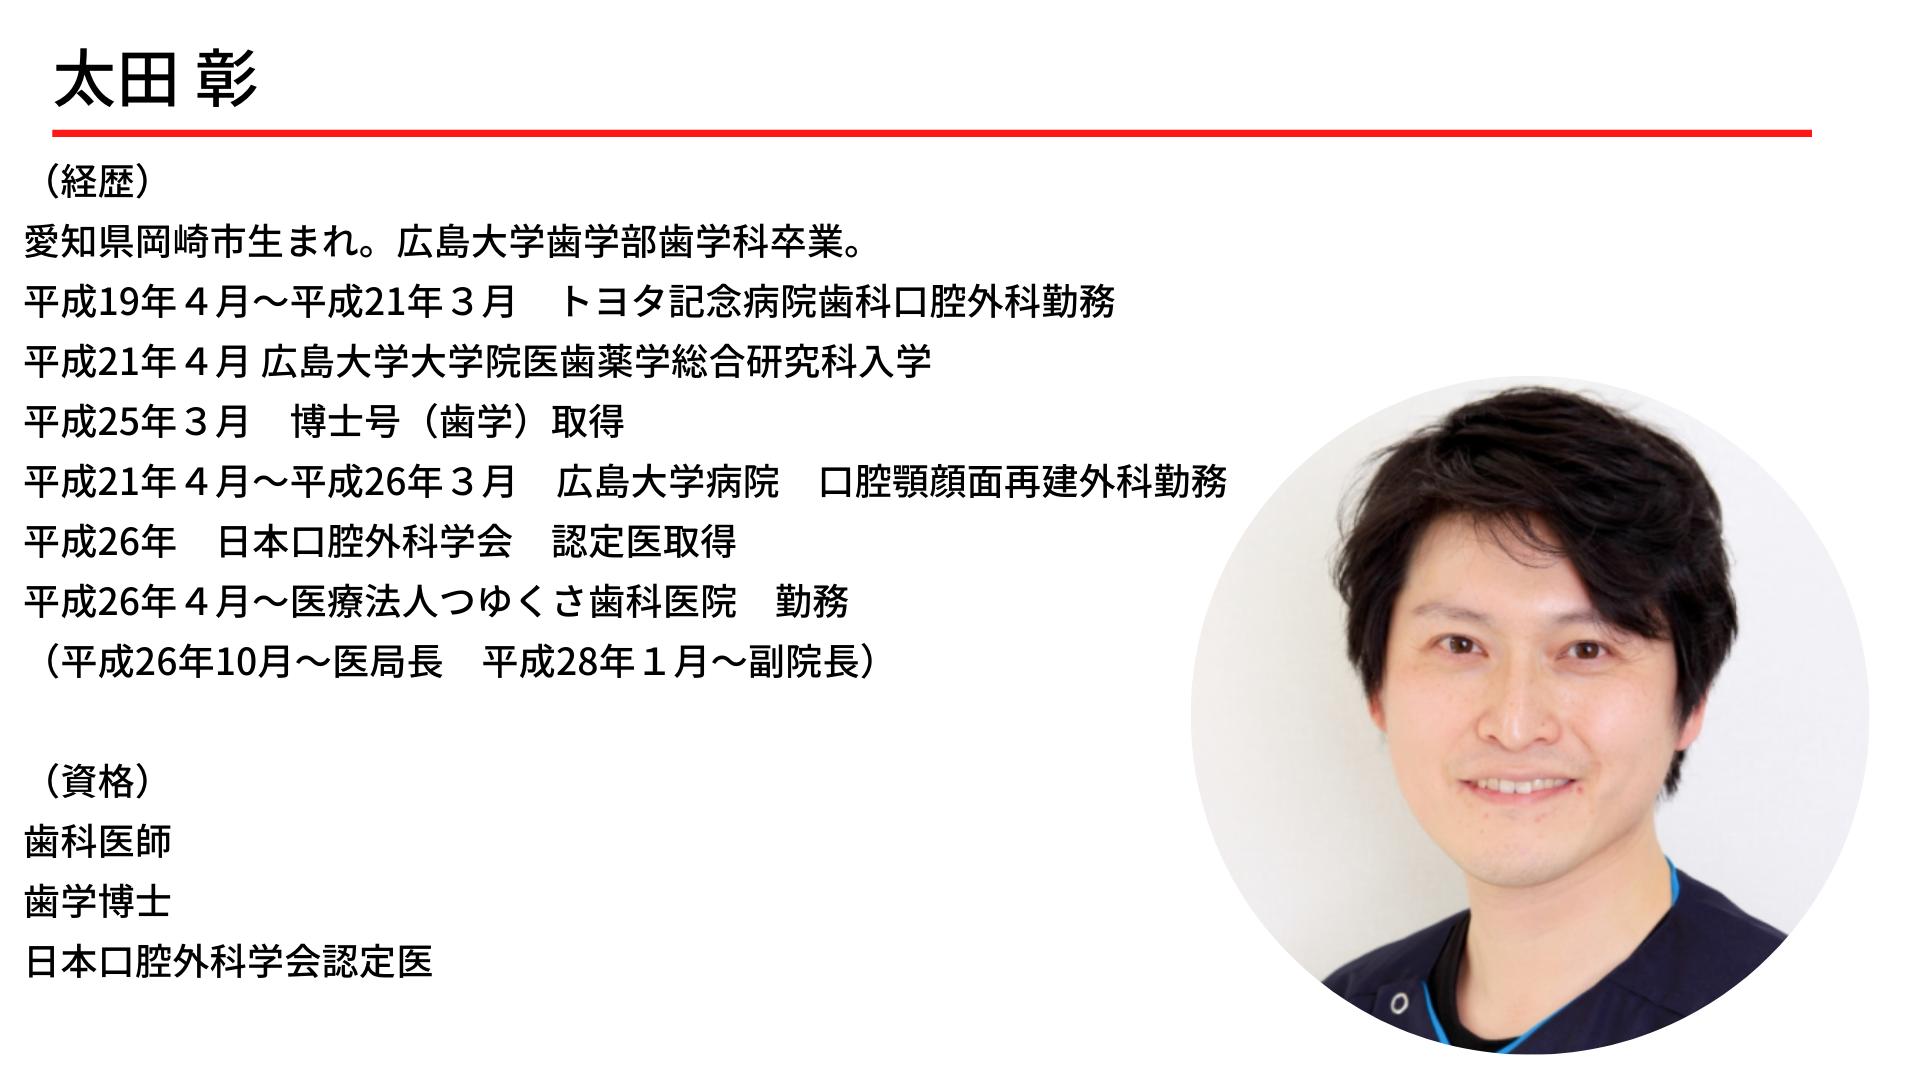 歯科 セミナー せきれい歯科クリニック 太田先生